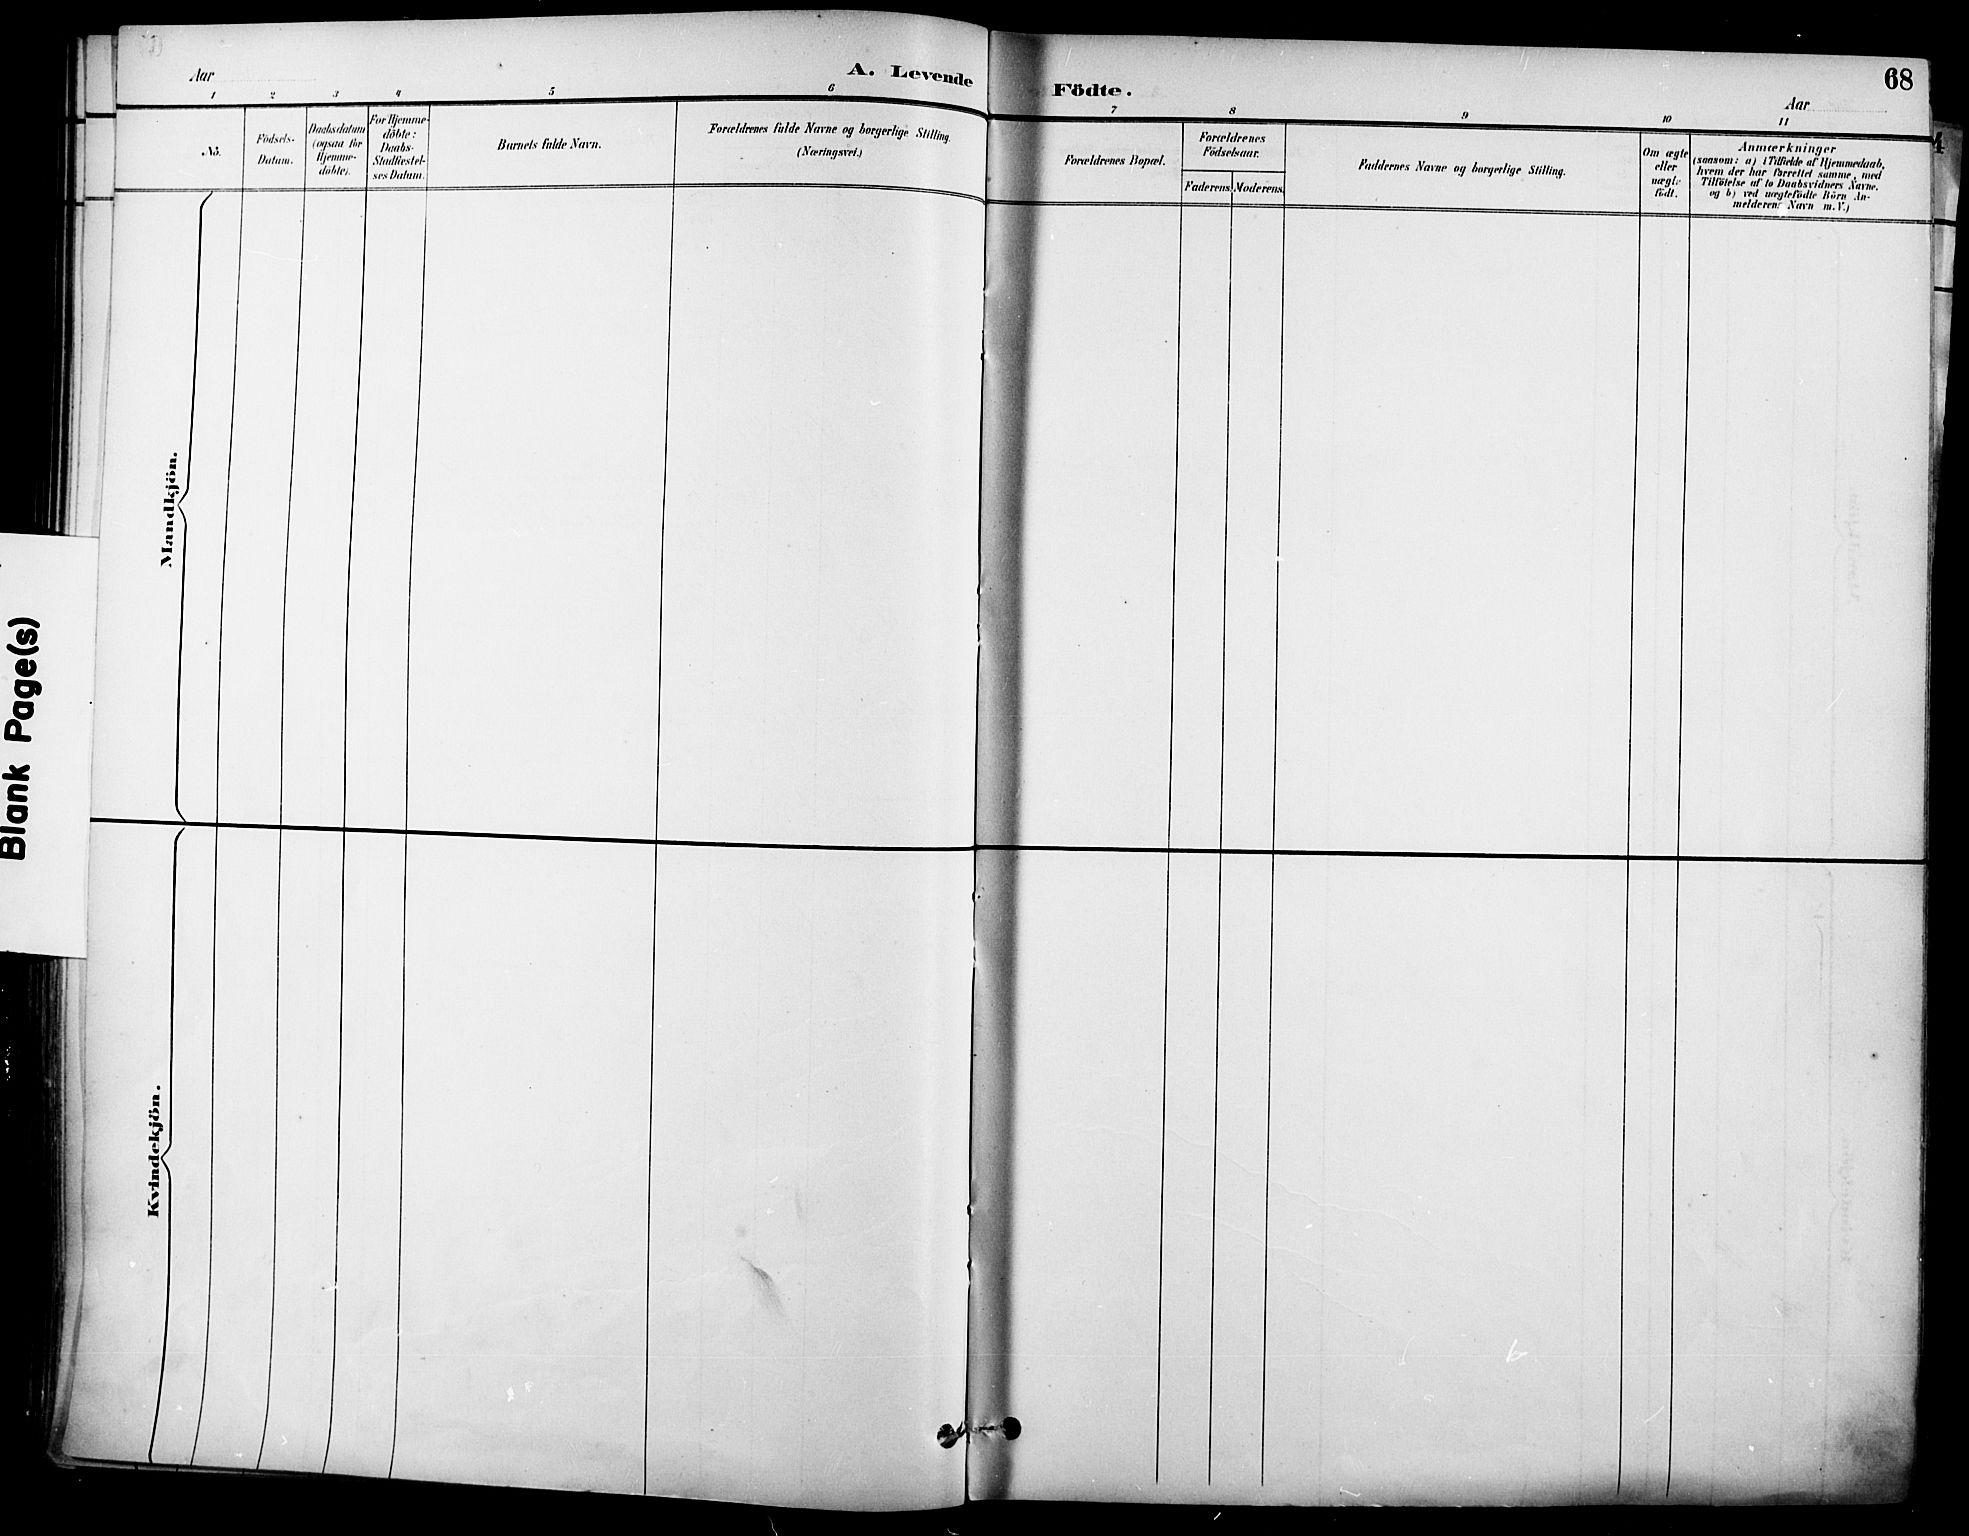 SAO, Garnisonsmenigheten Kirkebøker, F/Fa/L0013: Parish register (official) no. 13, 1894-1904, p. 68